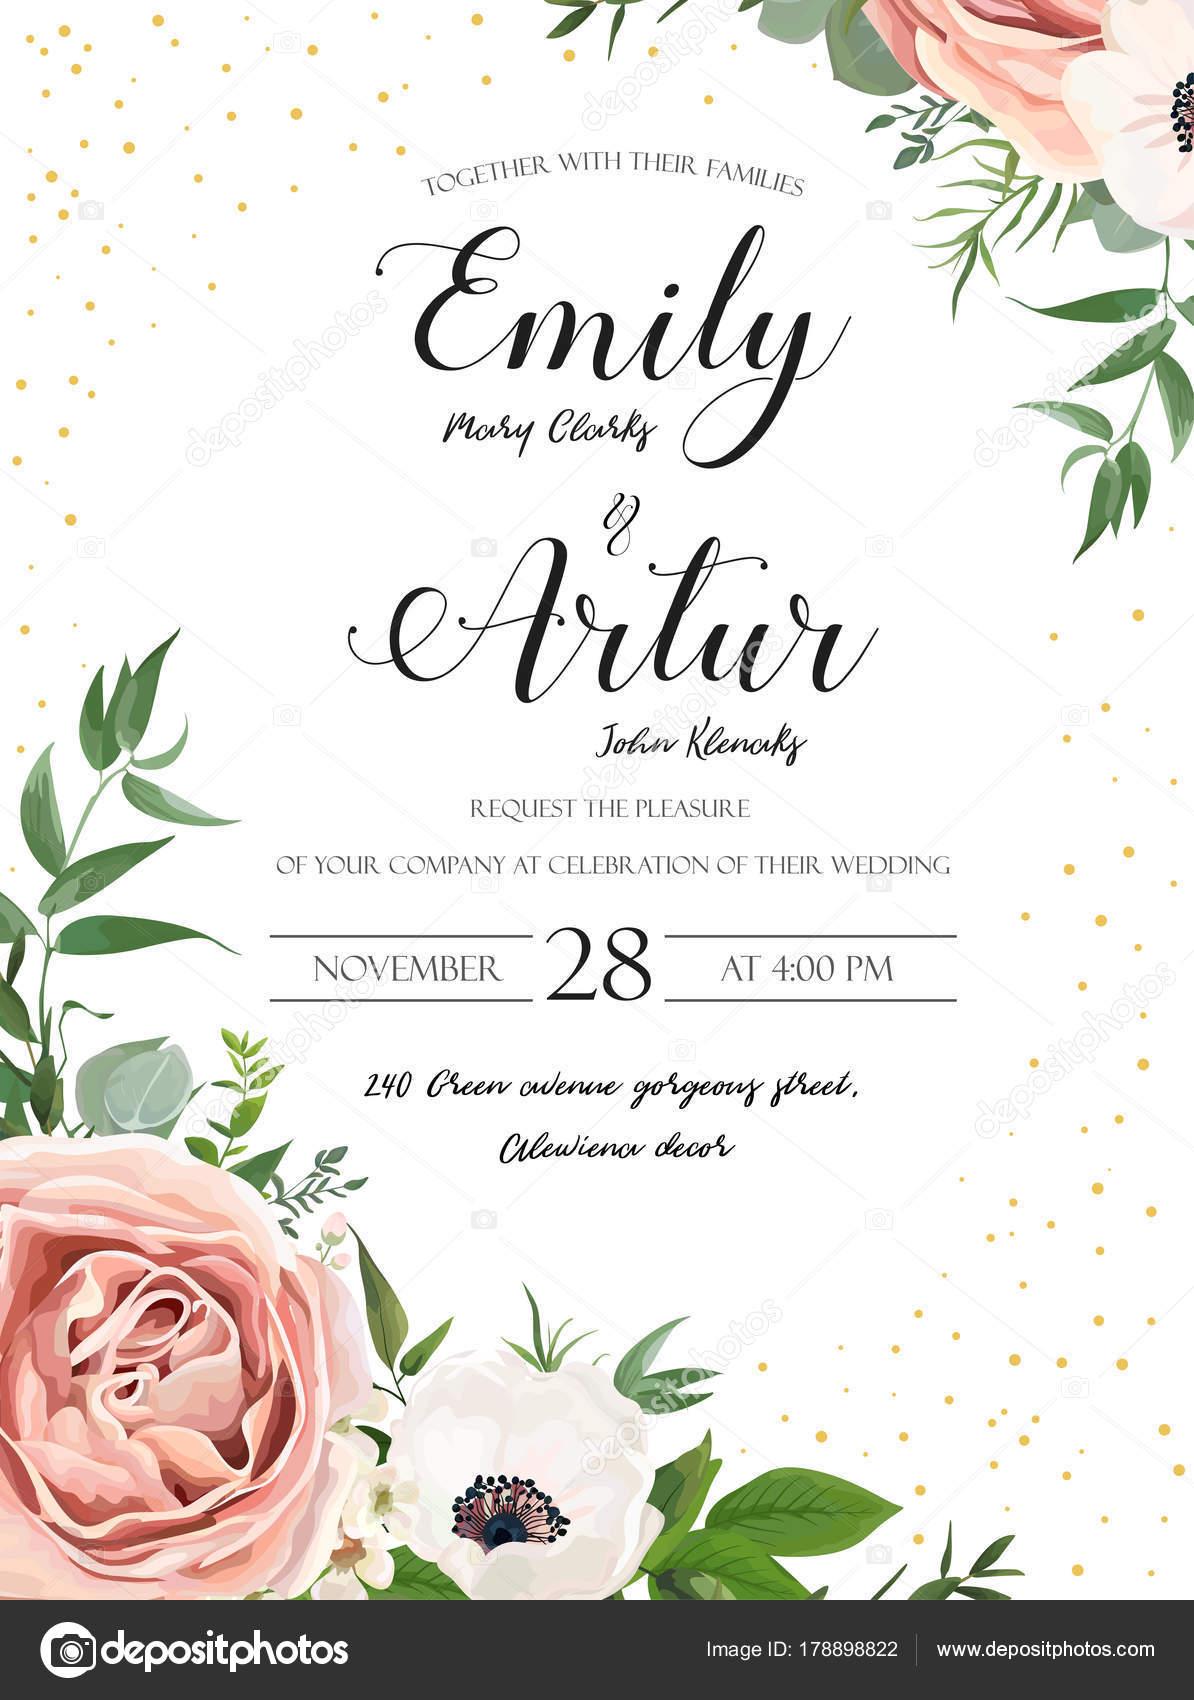 Hochzeit Blumen Einladung Einladung Kartendesign Rosa